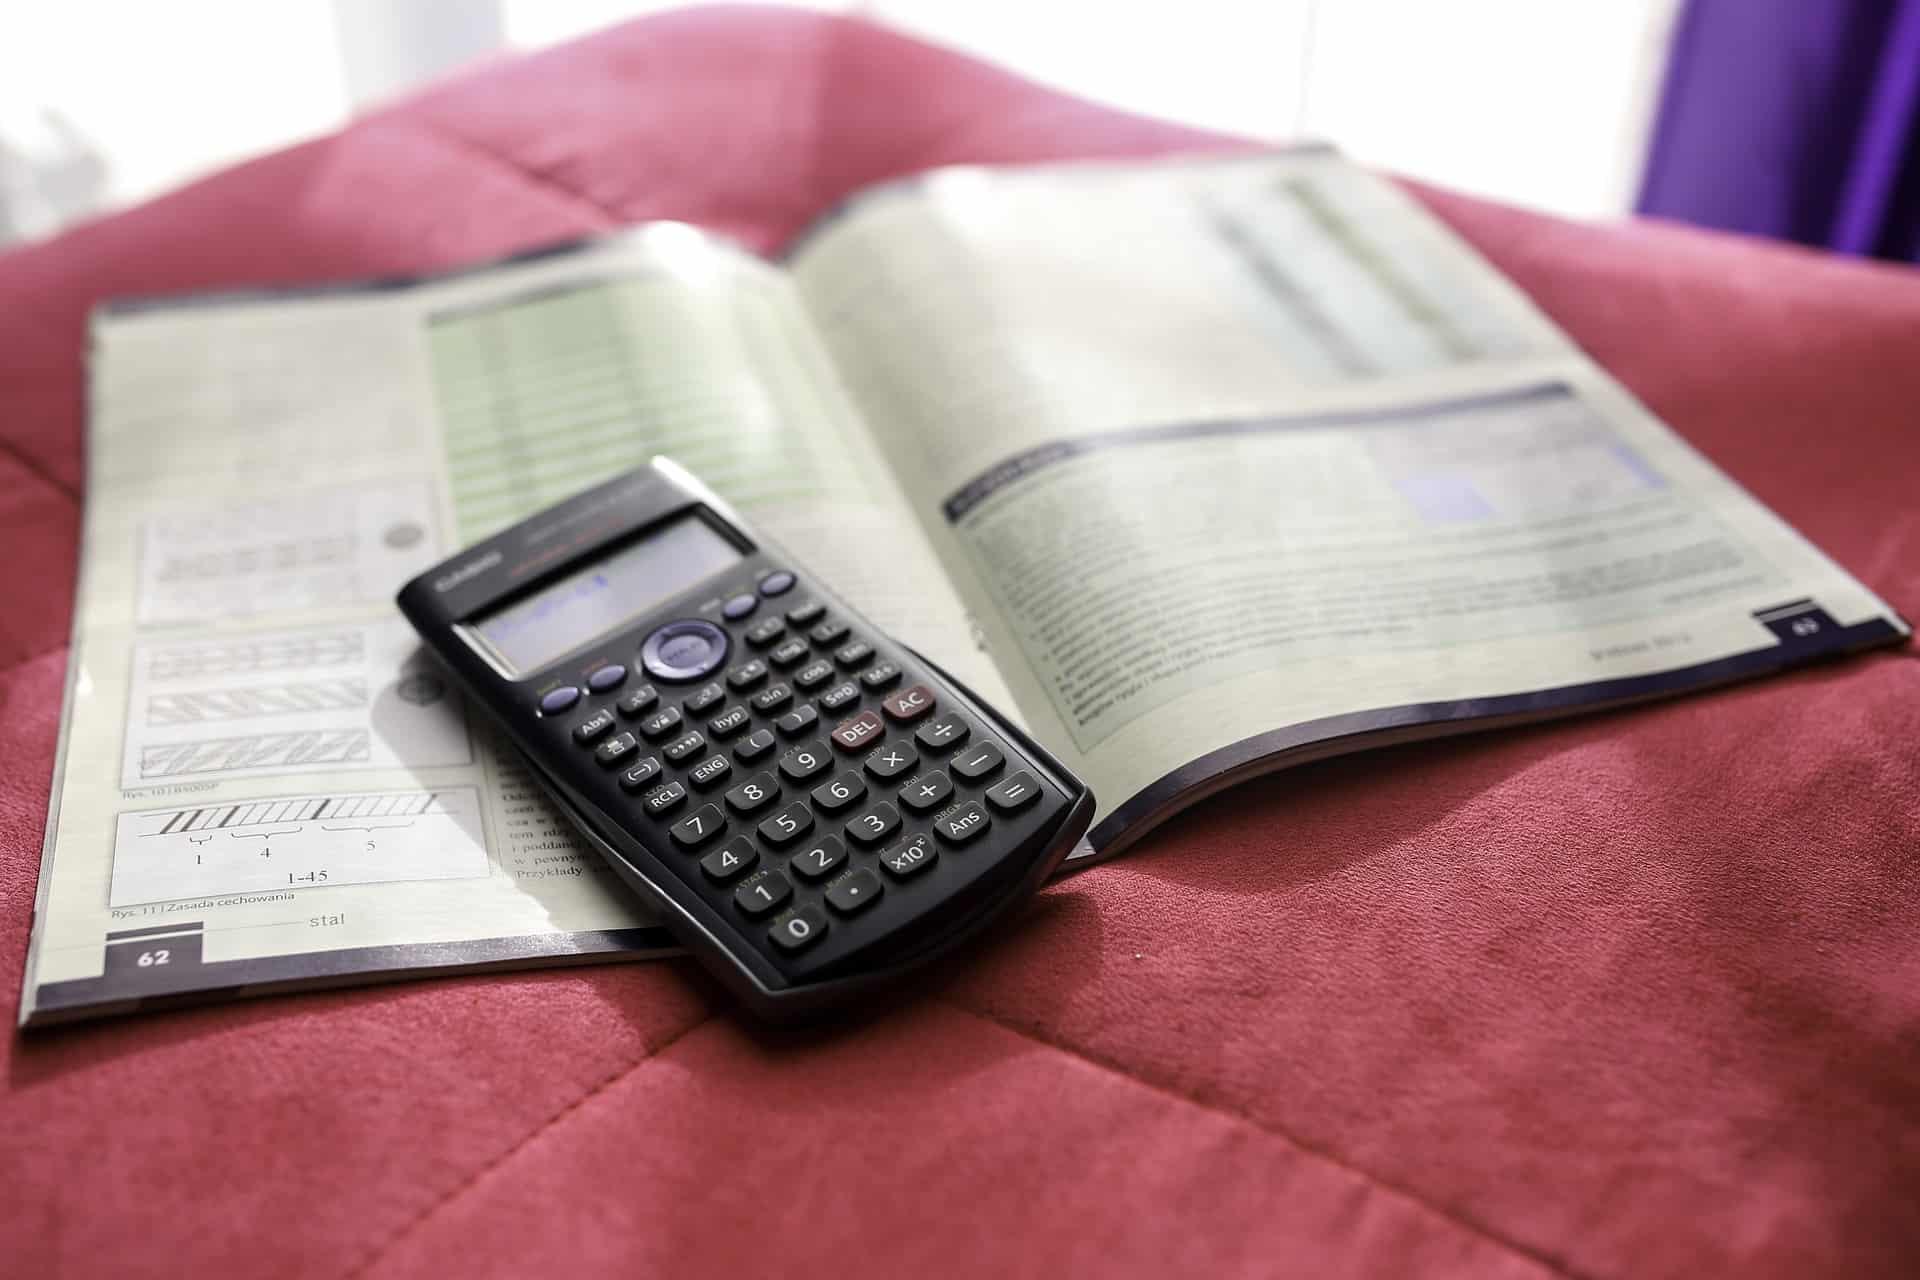 A Melhor Calculadora Científica é capaz de agilizar o seu trabalho e estudos.